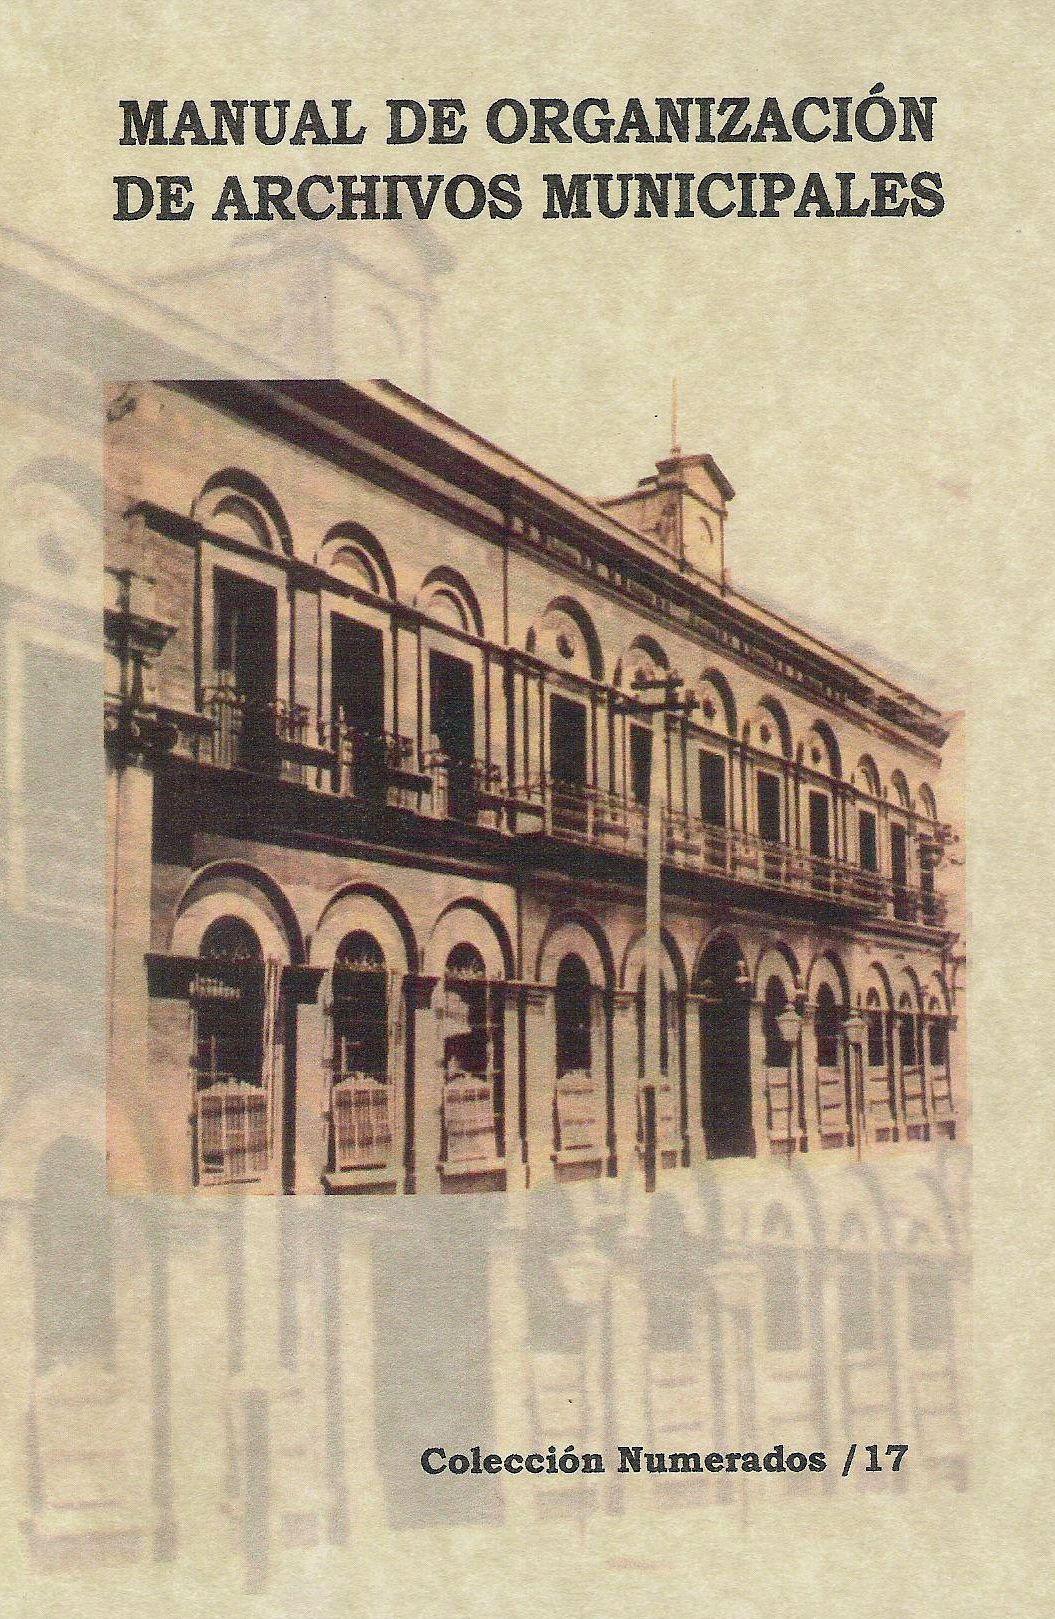 Manual de organizaci¢n de archivos municipales